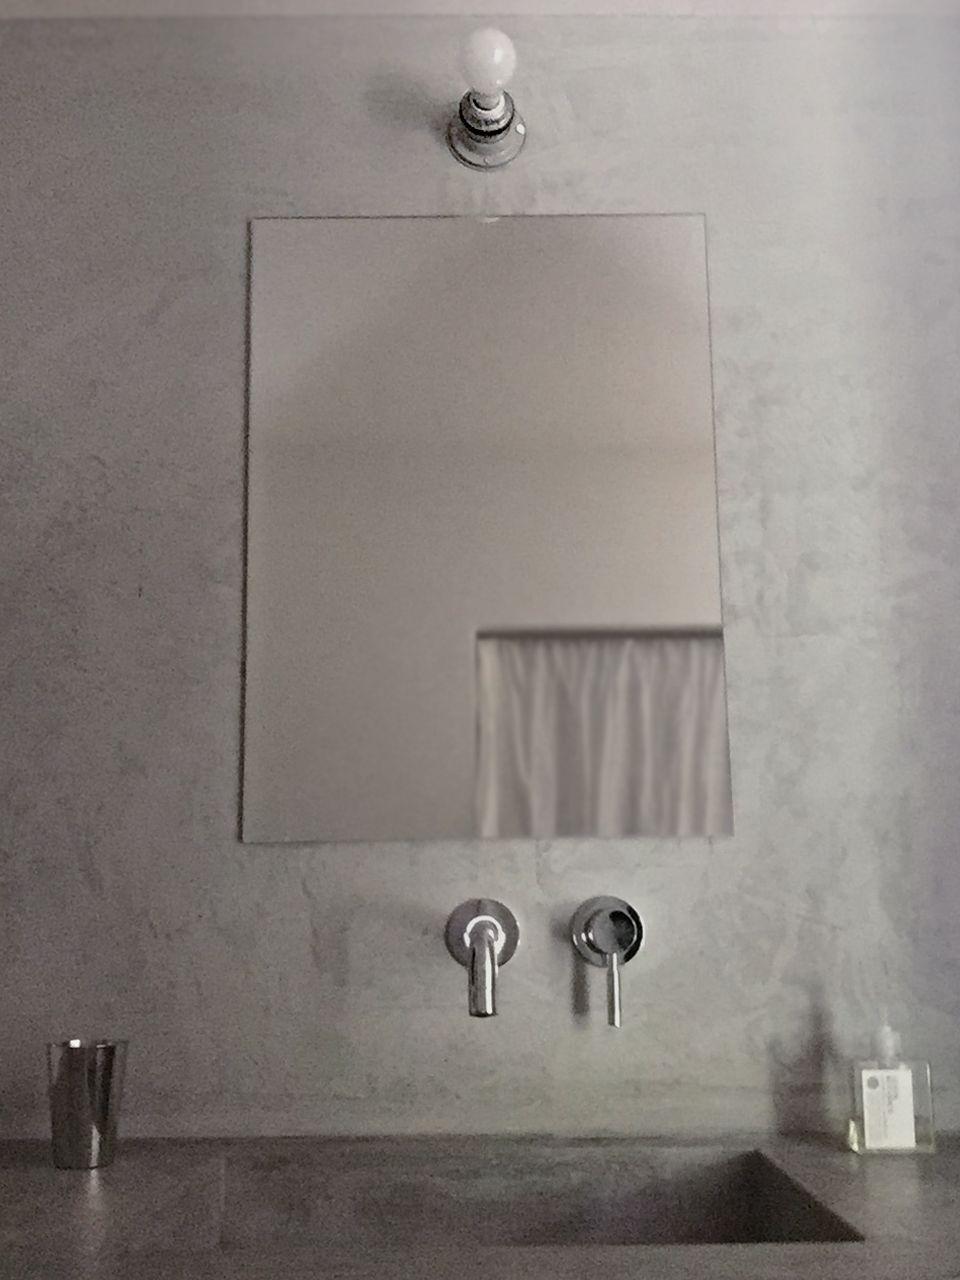 トイレと洗面所の照明器具 トイレ照明 洗面台 洗面所